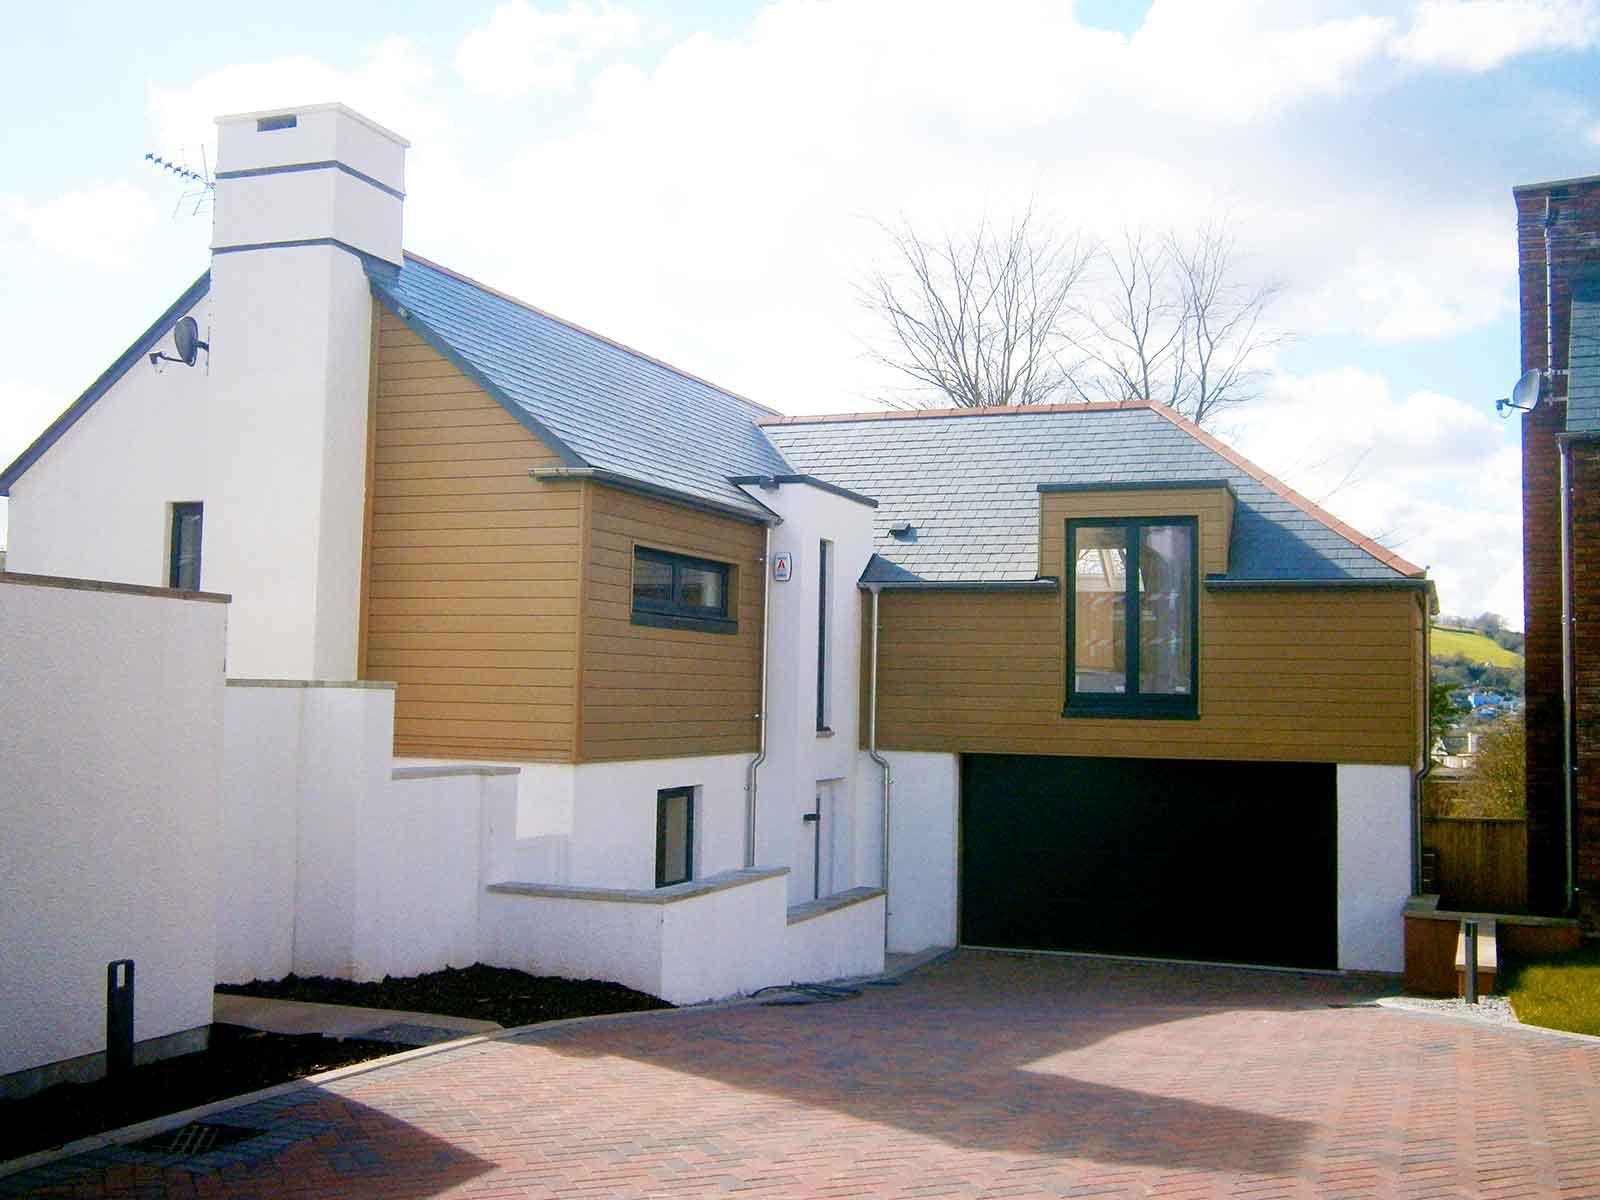 Redlands new homes